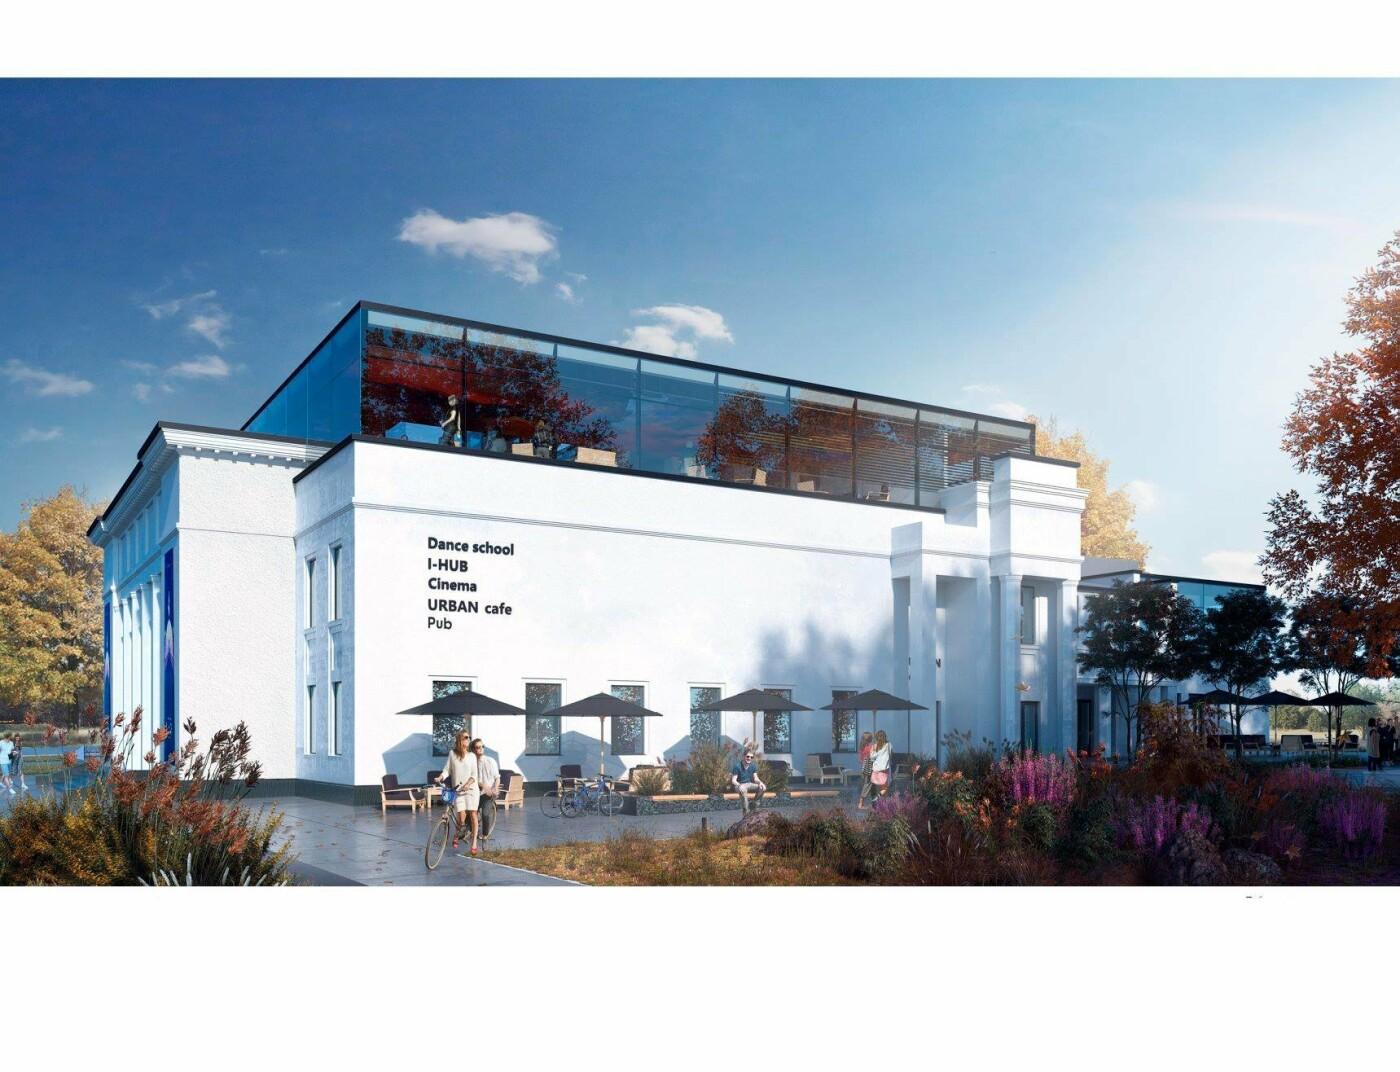 Концепція розвитку: яким буде кінотеатр Шевченка в майбутньому, фото-23